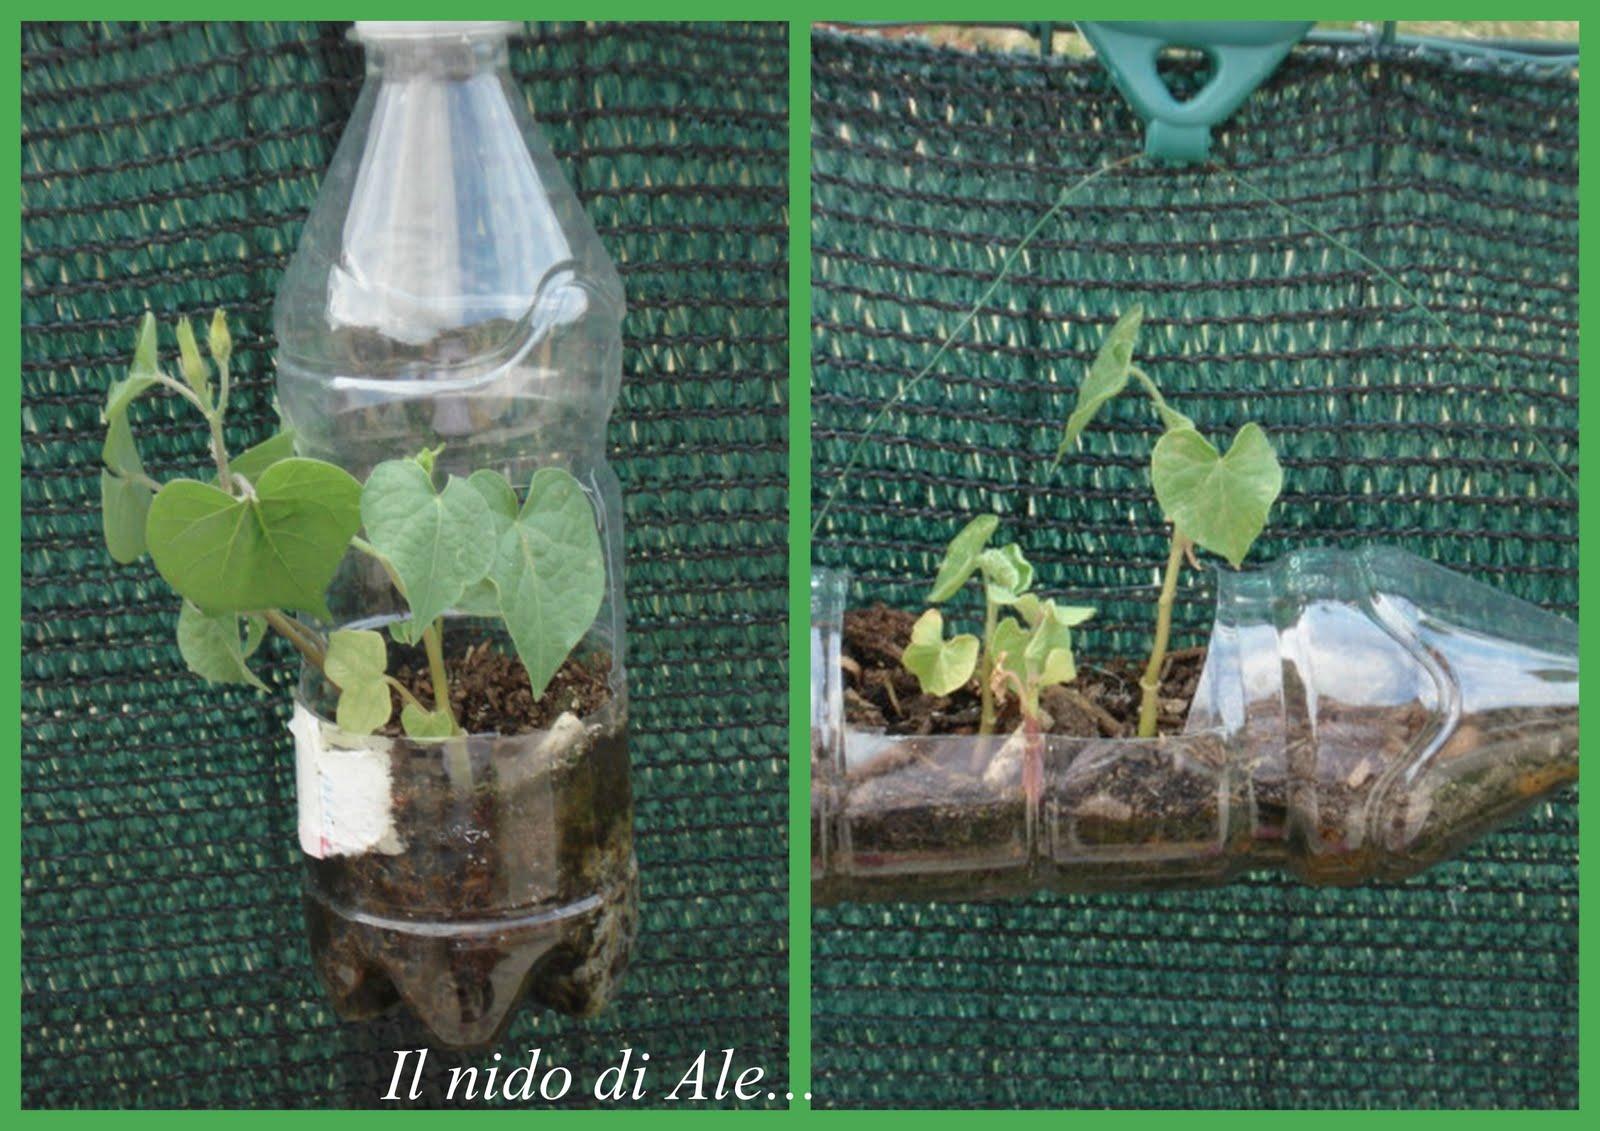 Il mio nido mini giardino in bottiglia - Giardini in bottiglia ...